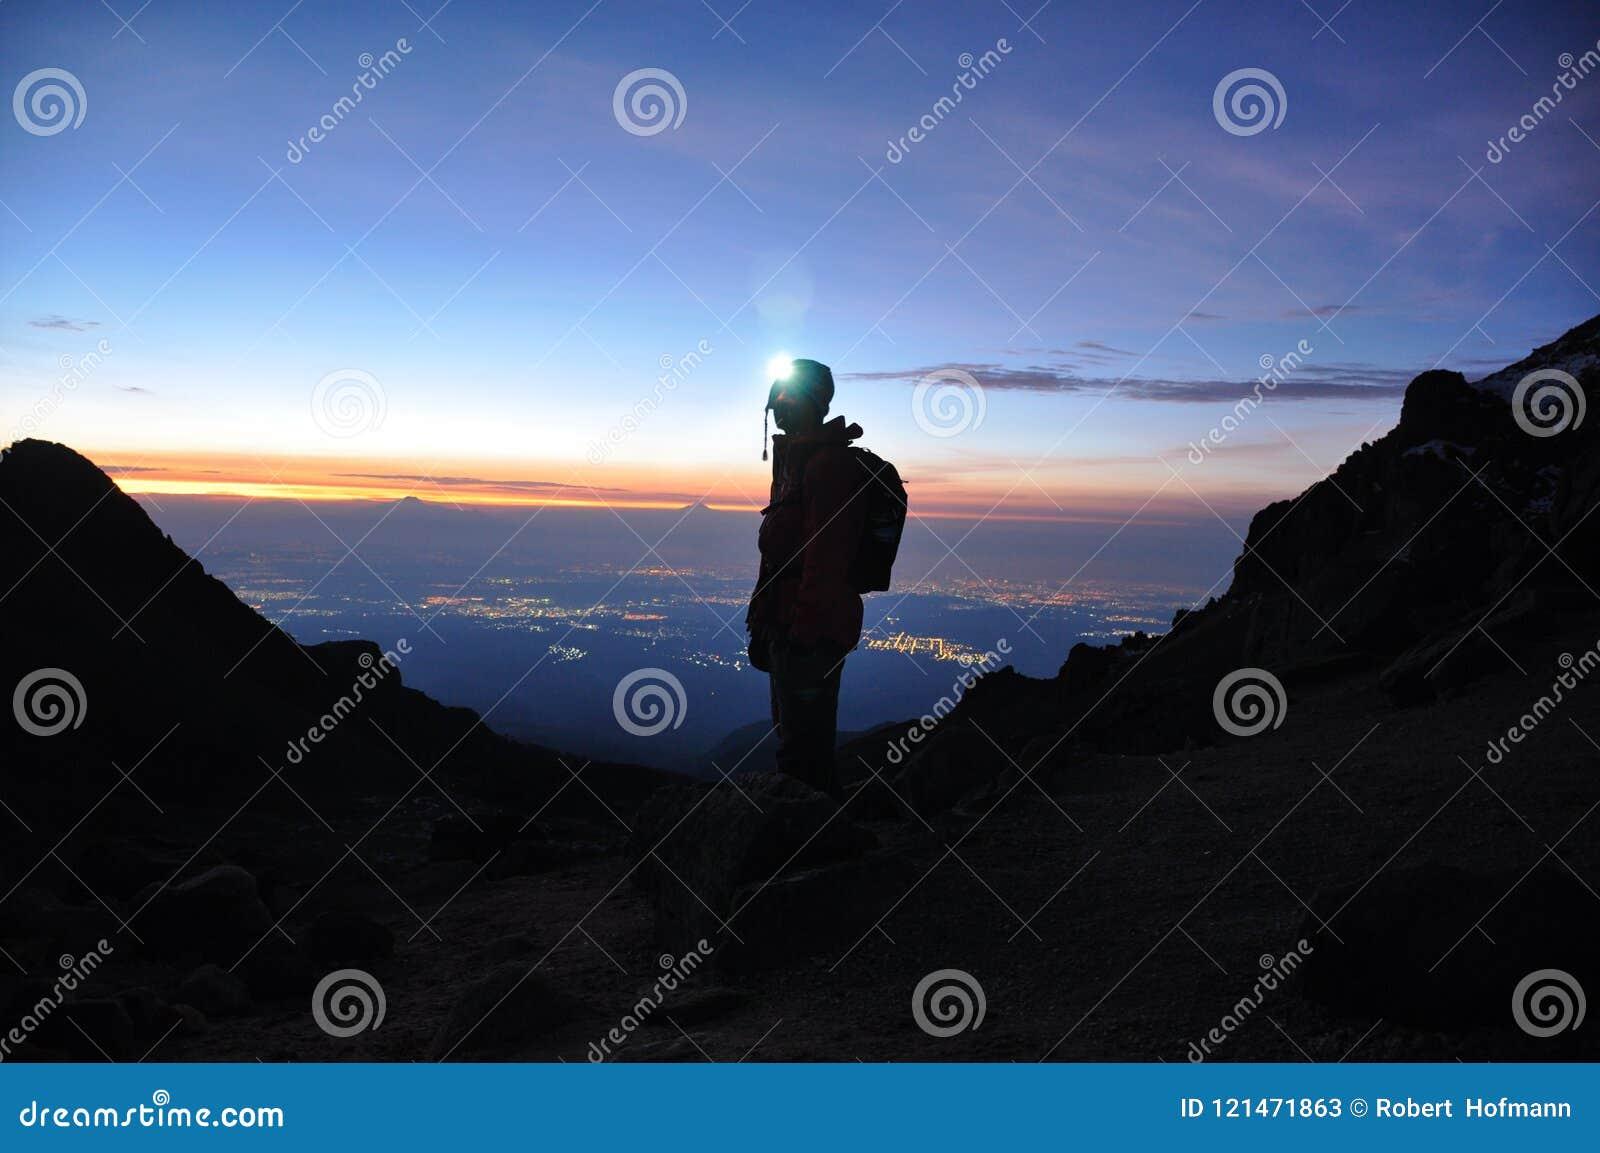 Σκιαγραφία ενός ορεσιβίου που στέκεται σε ένα βουνό μπροστά από το τ